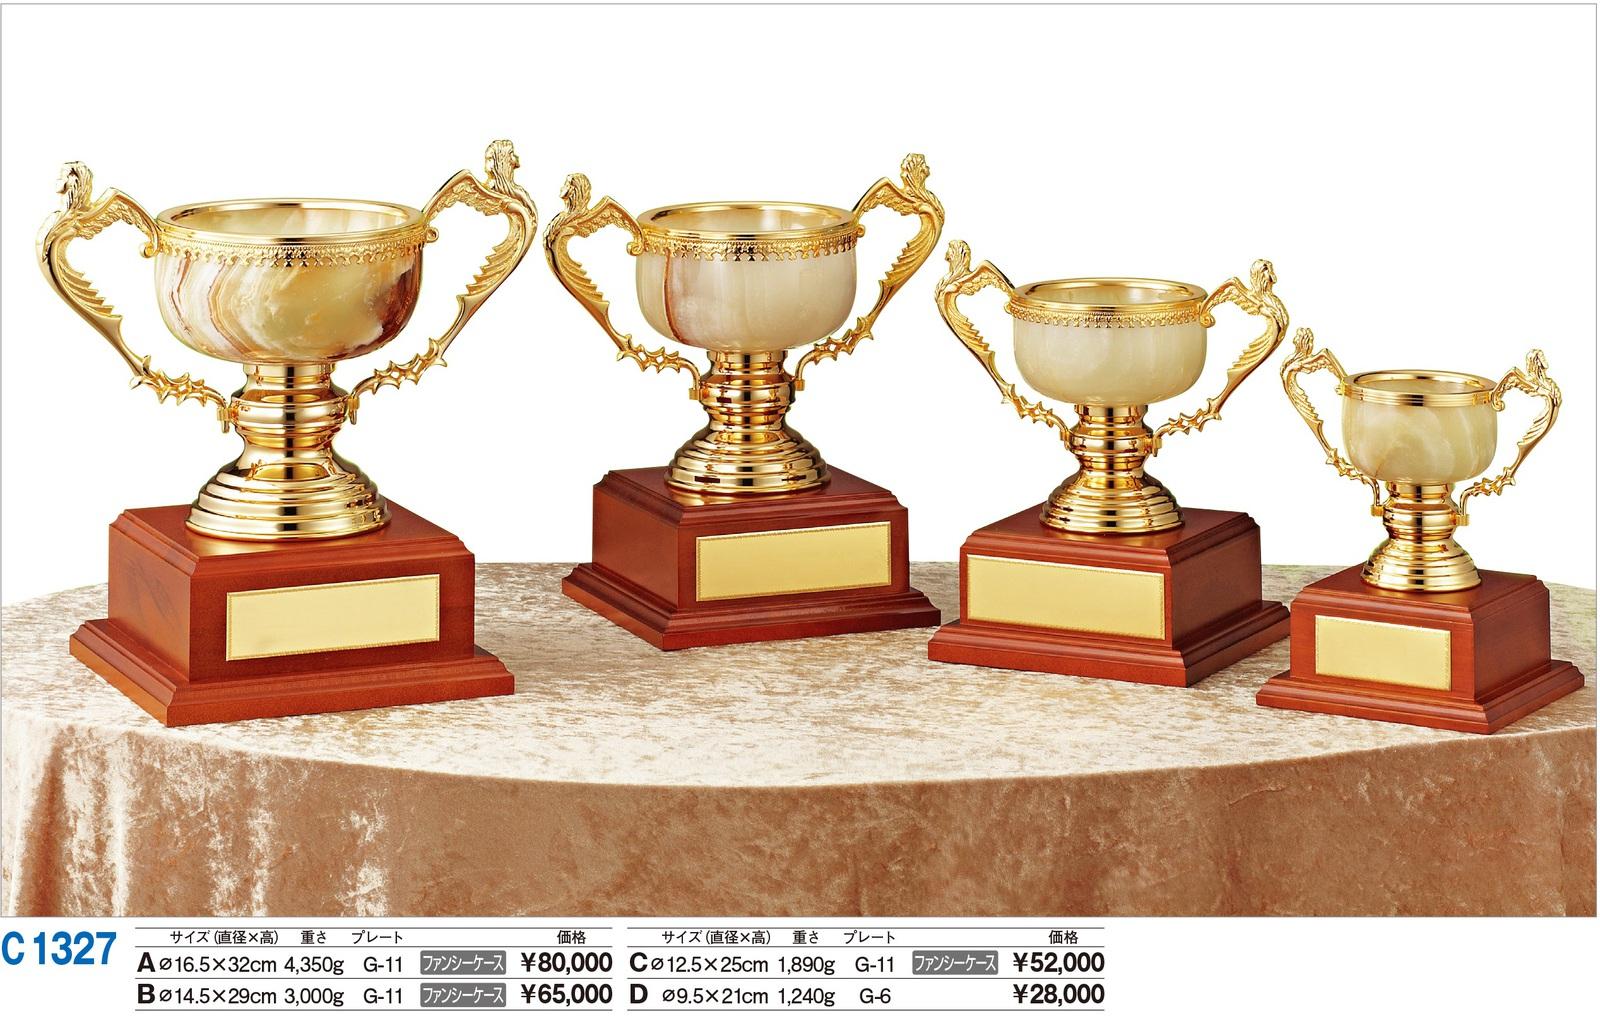 トロフィー工房のトロフィーは リボン無料 高品質レーザー印字無料 10000円以上お買い上げで送料無料 G-11 入荷予定 買物 C1327A オニックスカップ